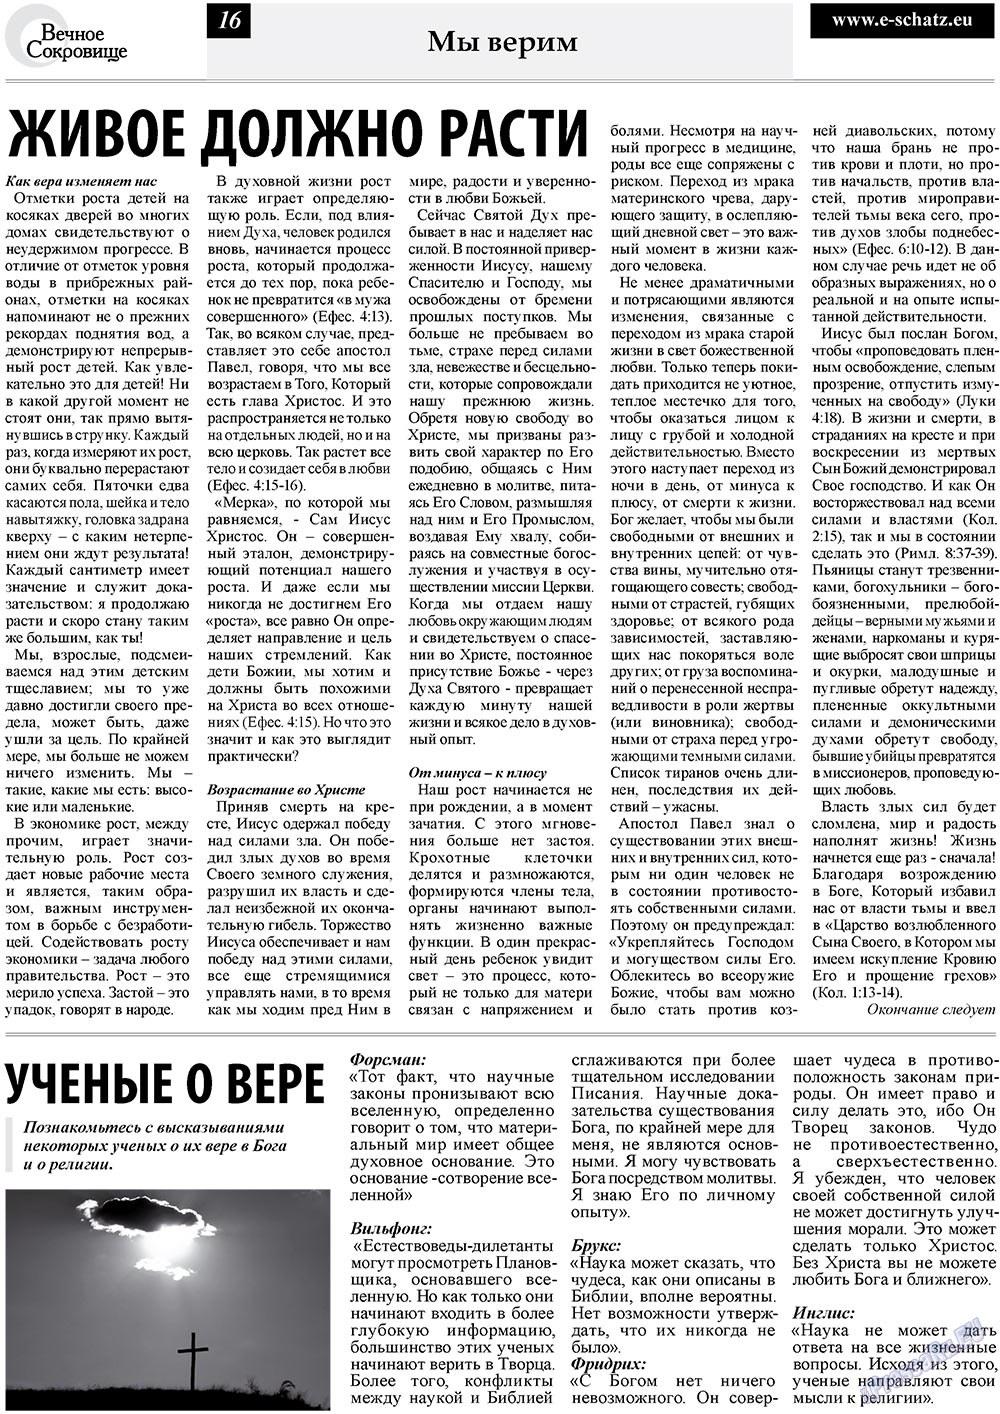 Вечное сокровище (газета). 2010 год, номер 3, стр. 16